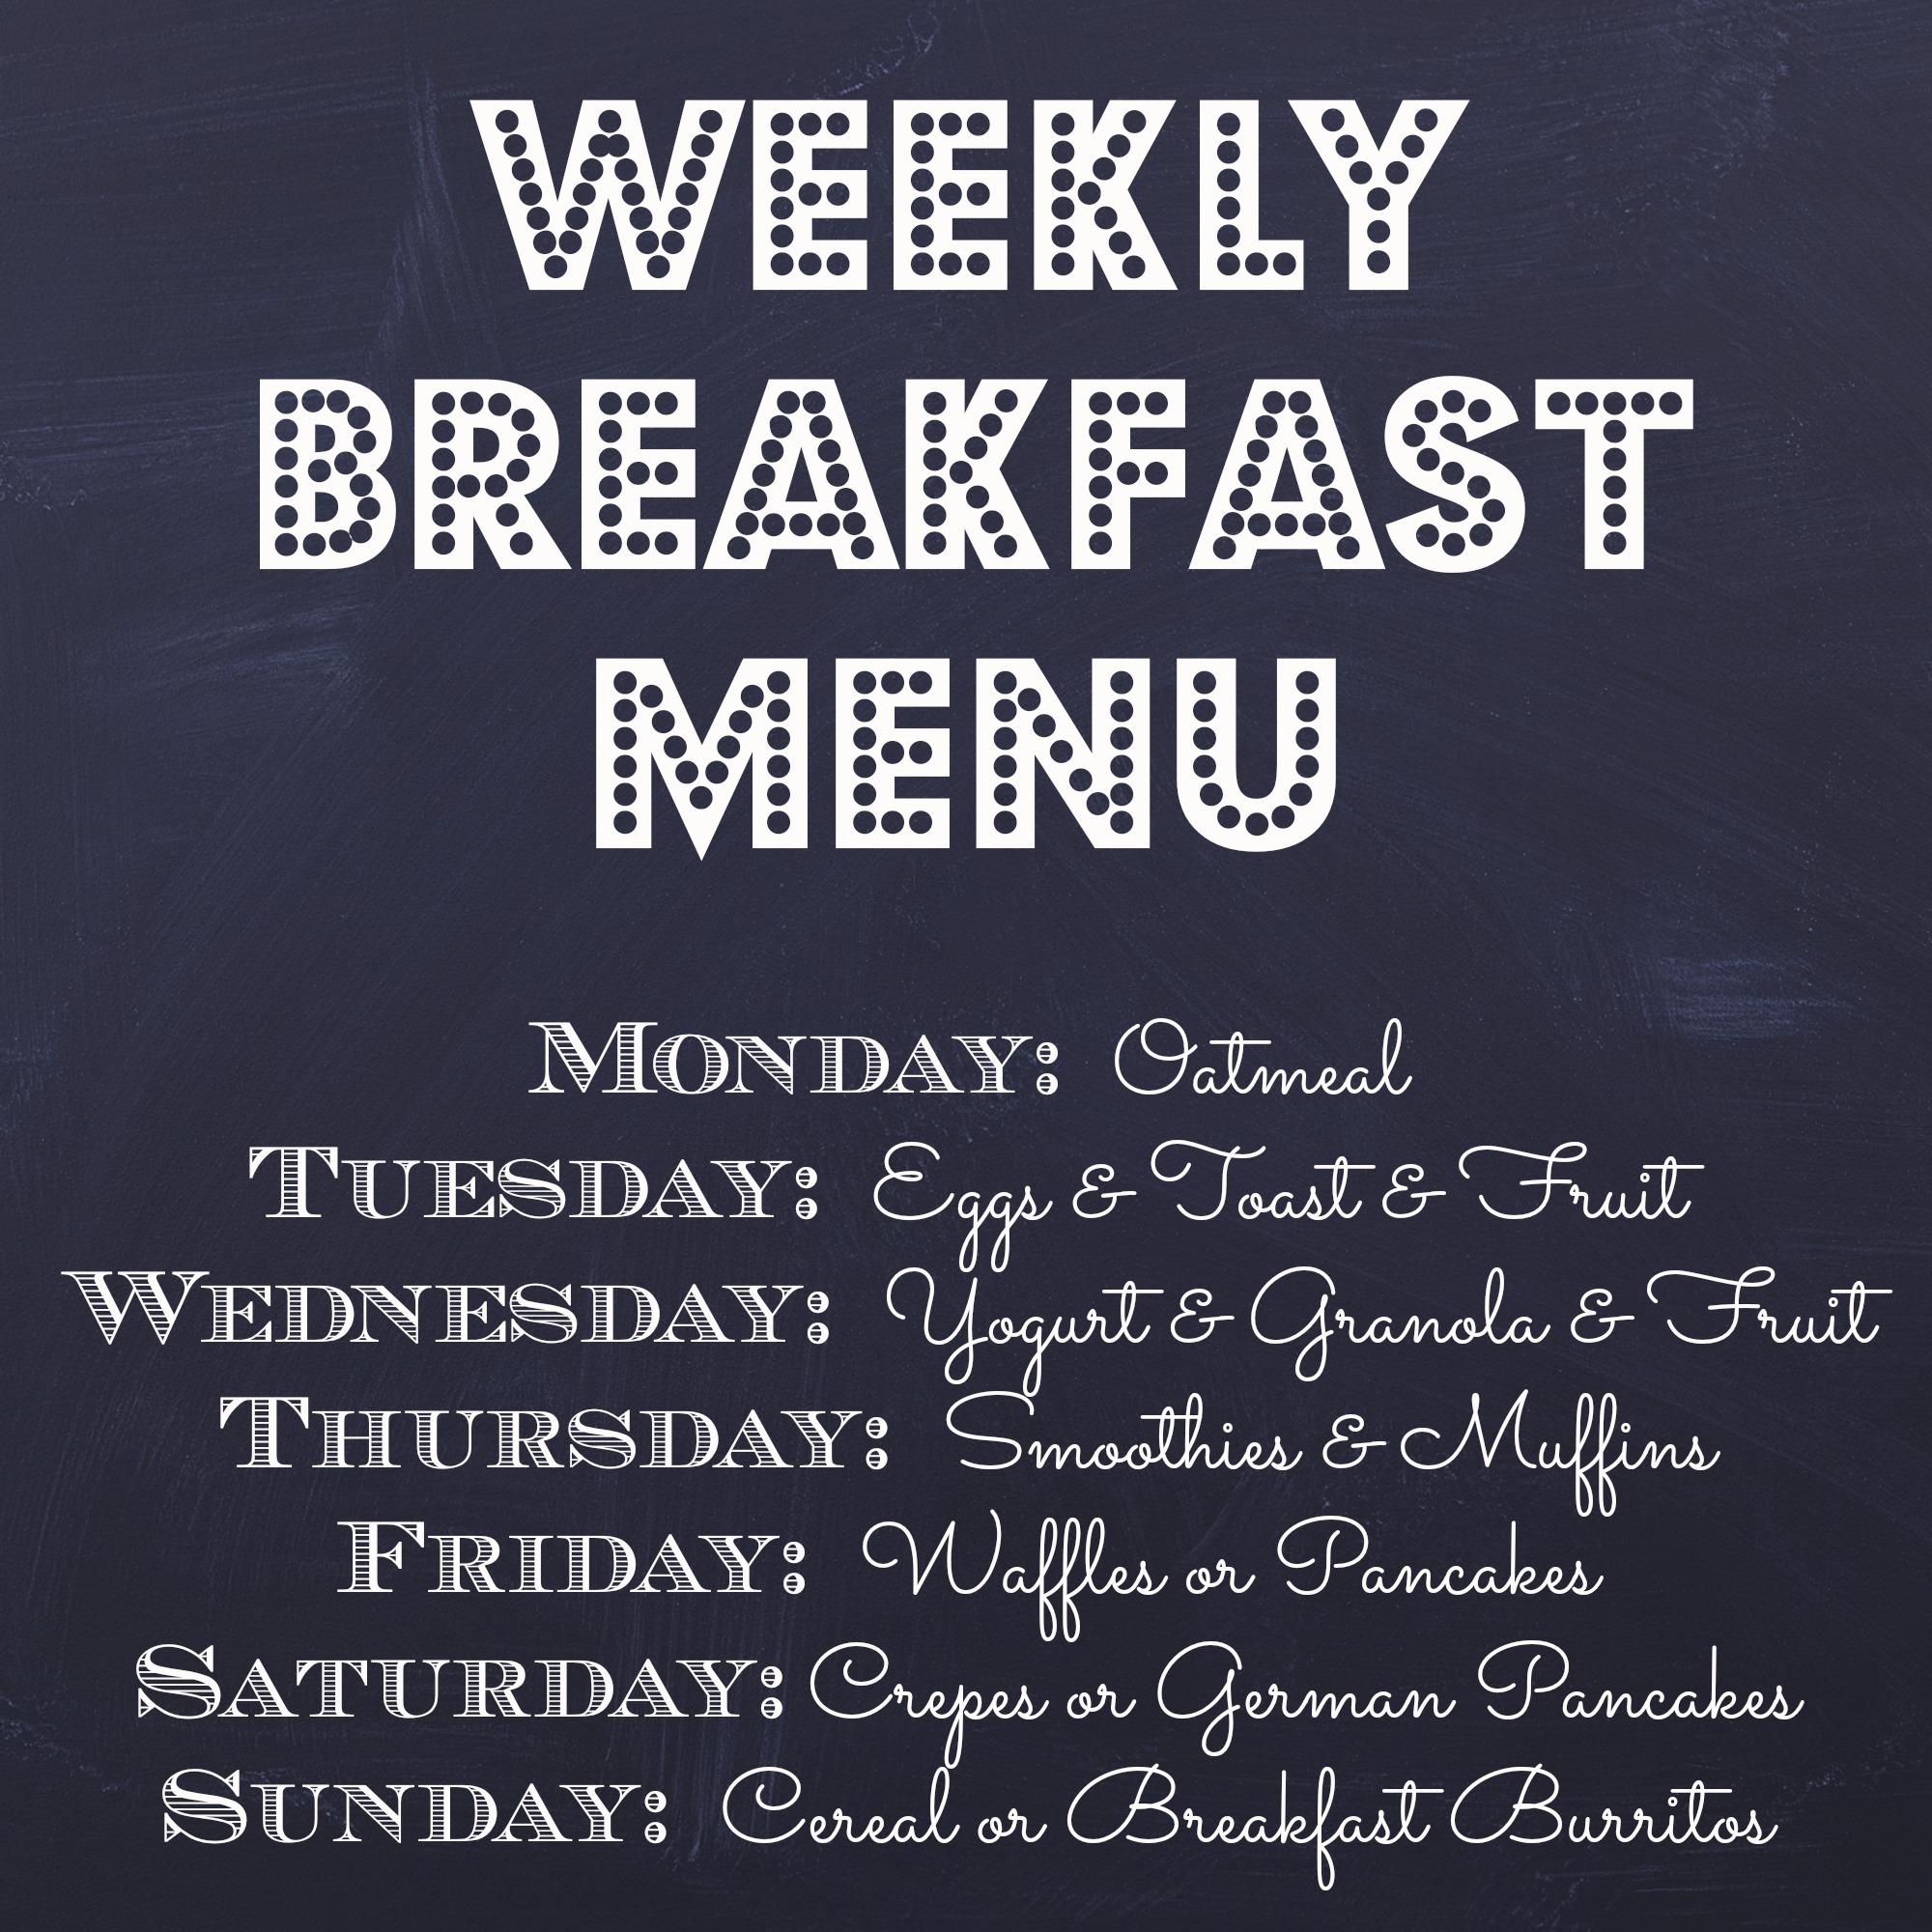 Weekly HealthyBreakfast Menu